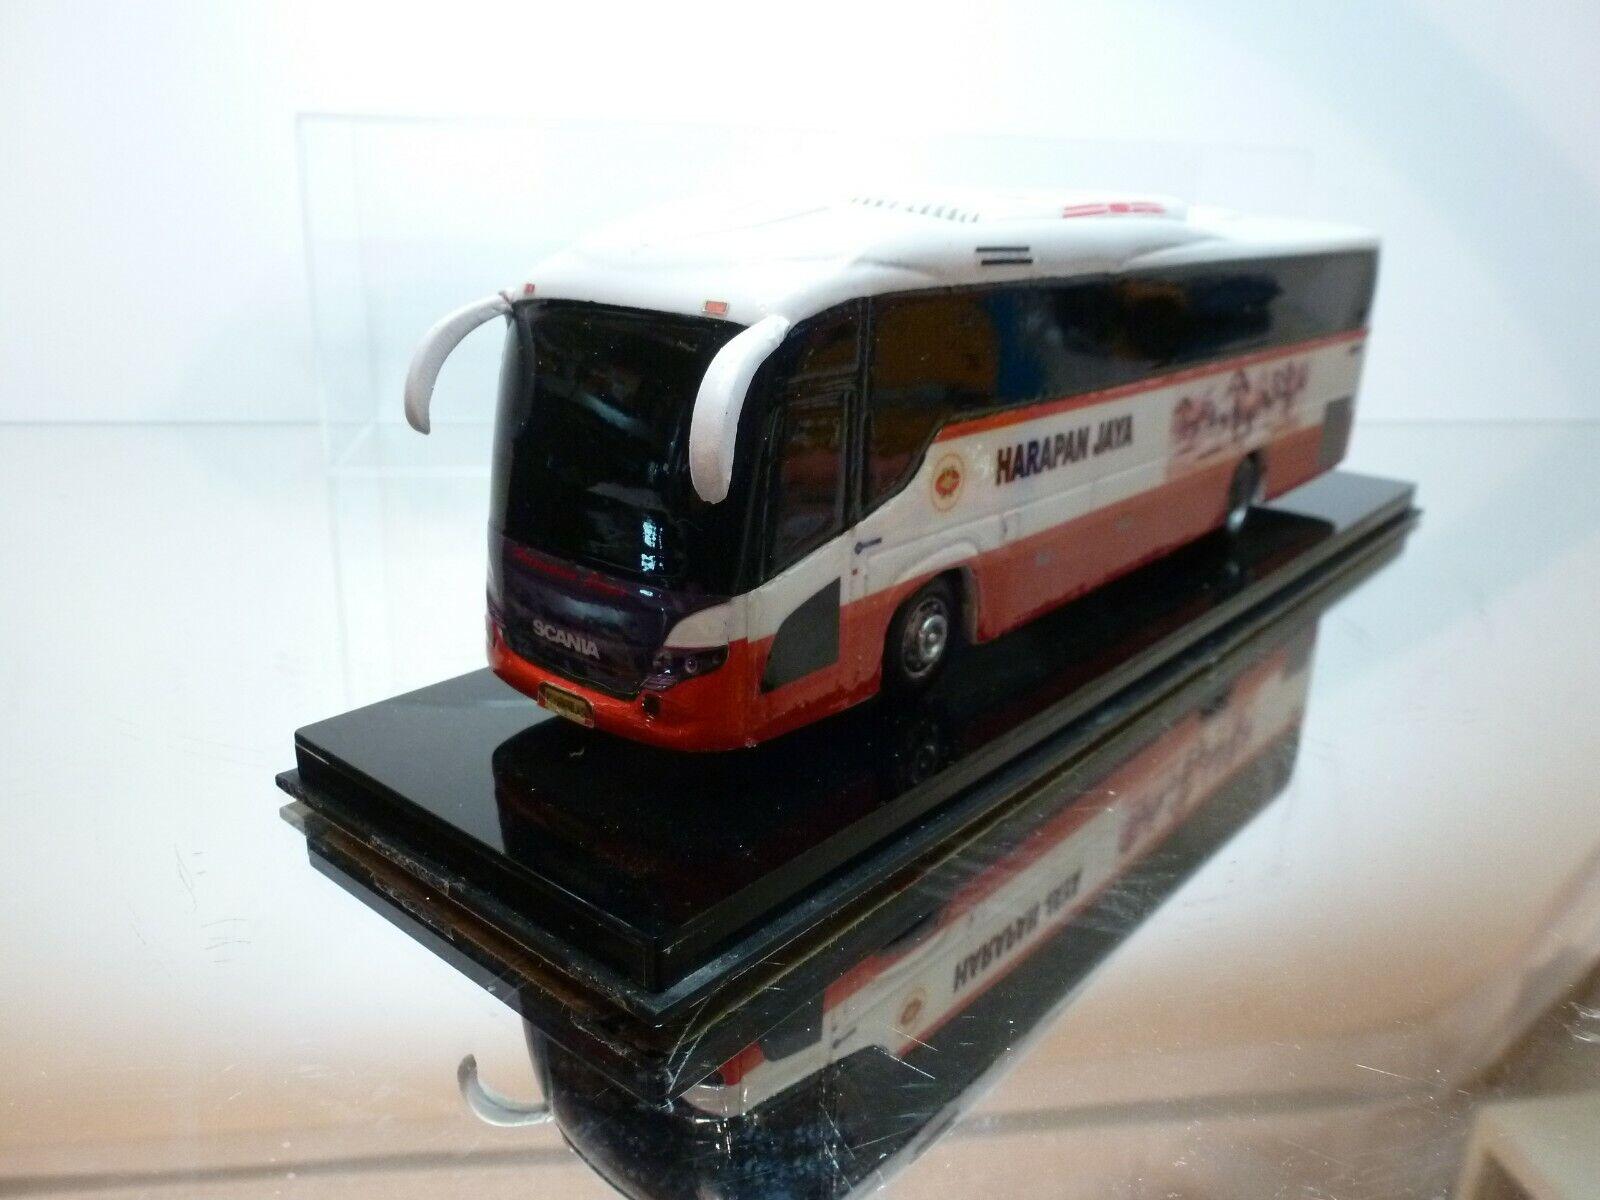 KIT built SCANIA K380 BUS - HARAPAN JAYA - AKAP 1 50 RARE - GOOD IN SHOW-CASE